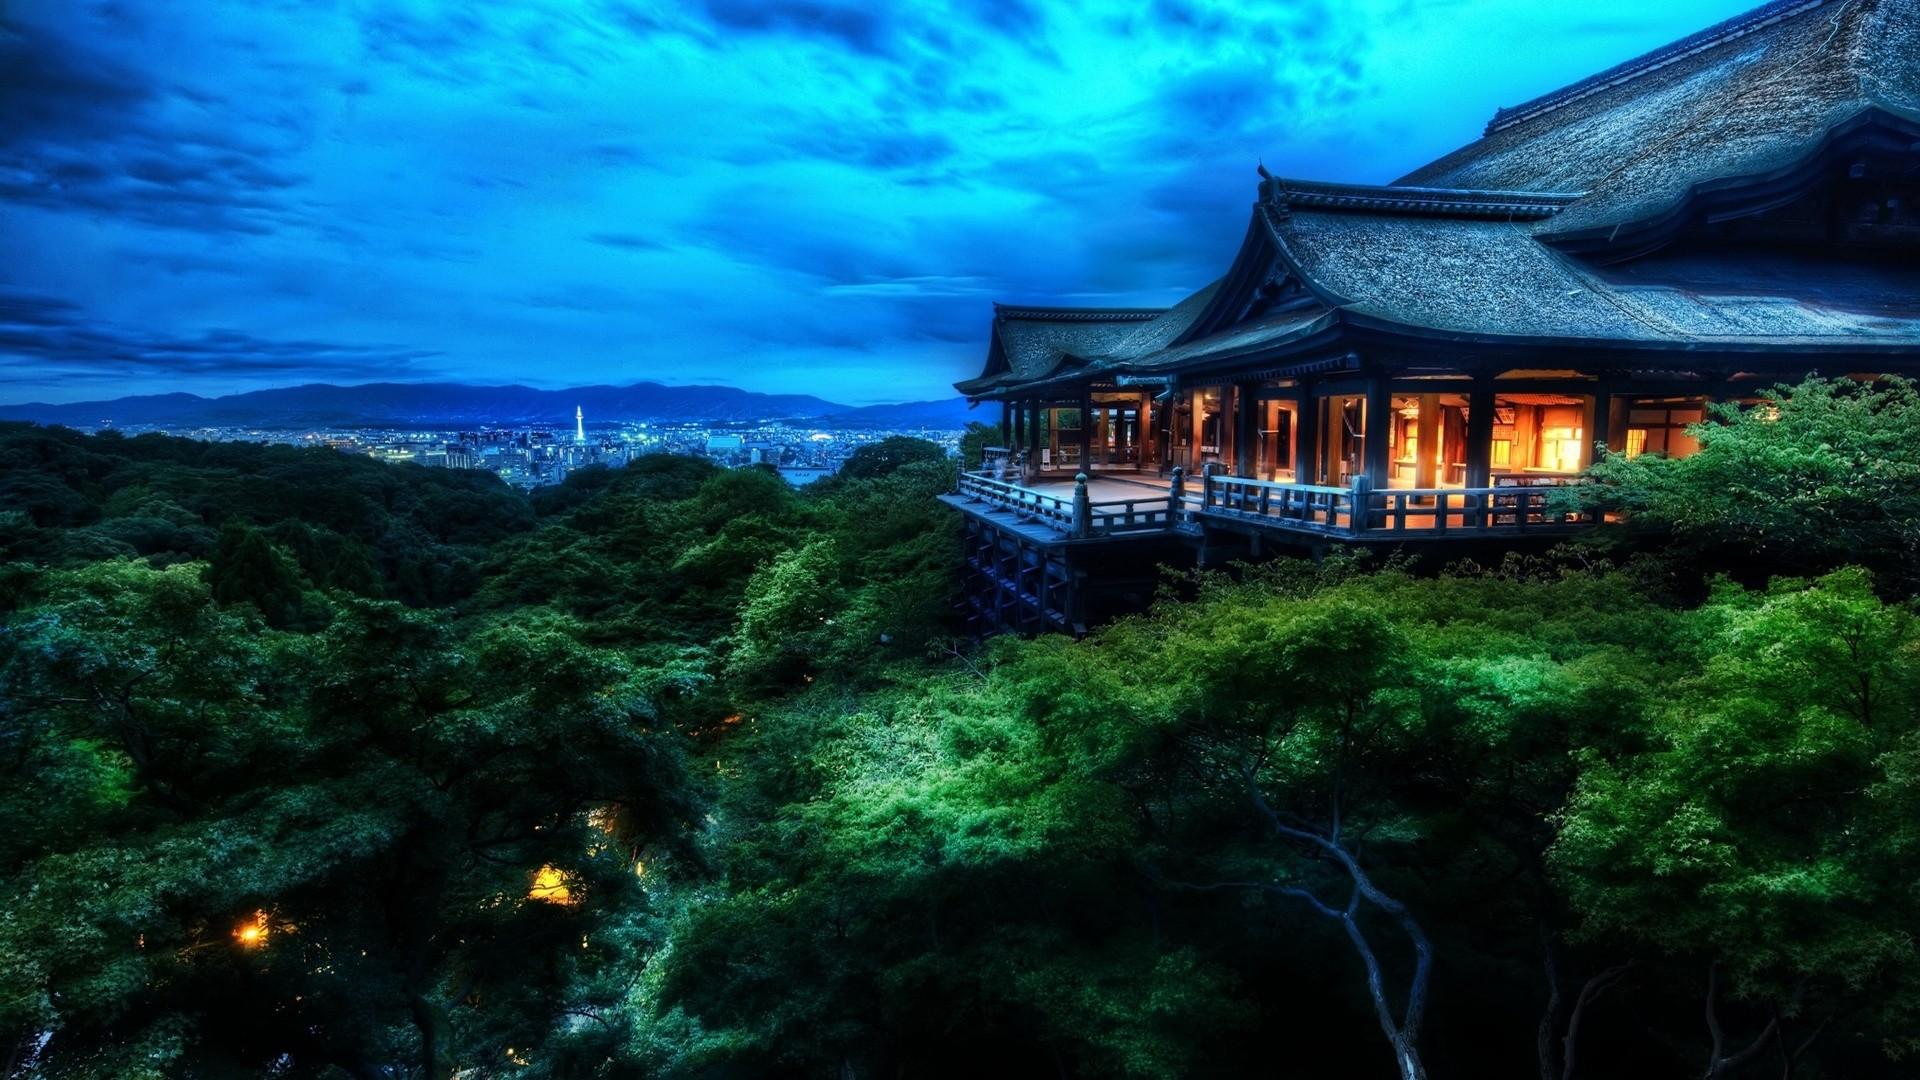 Full HD Japanese scenery wallpapers Waku Waku Japan 1920x1080